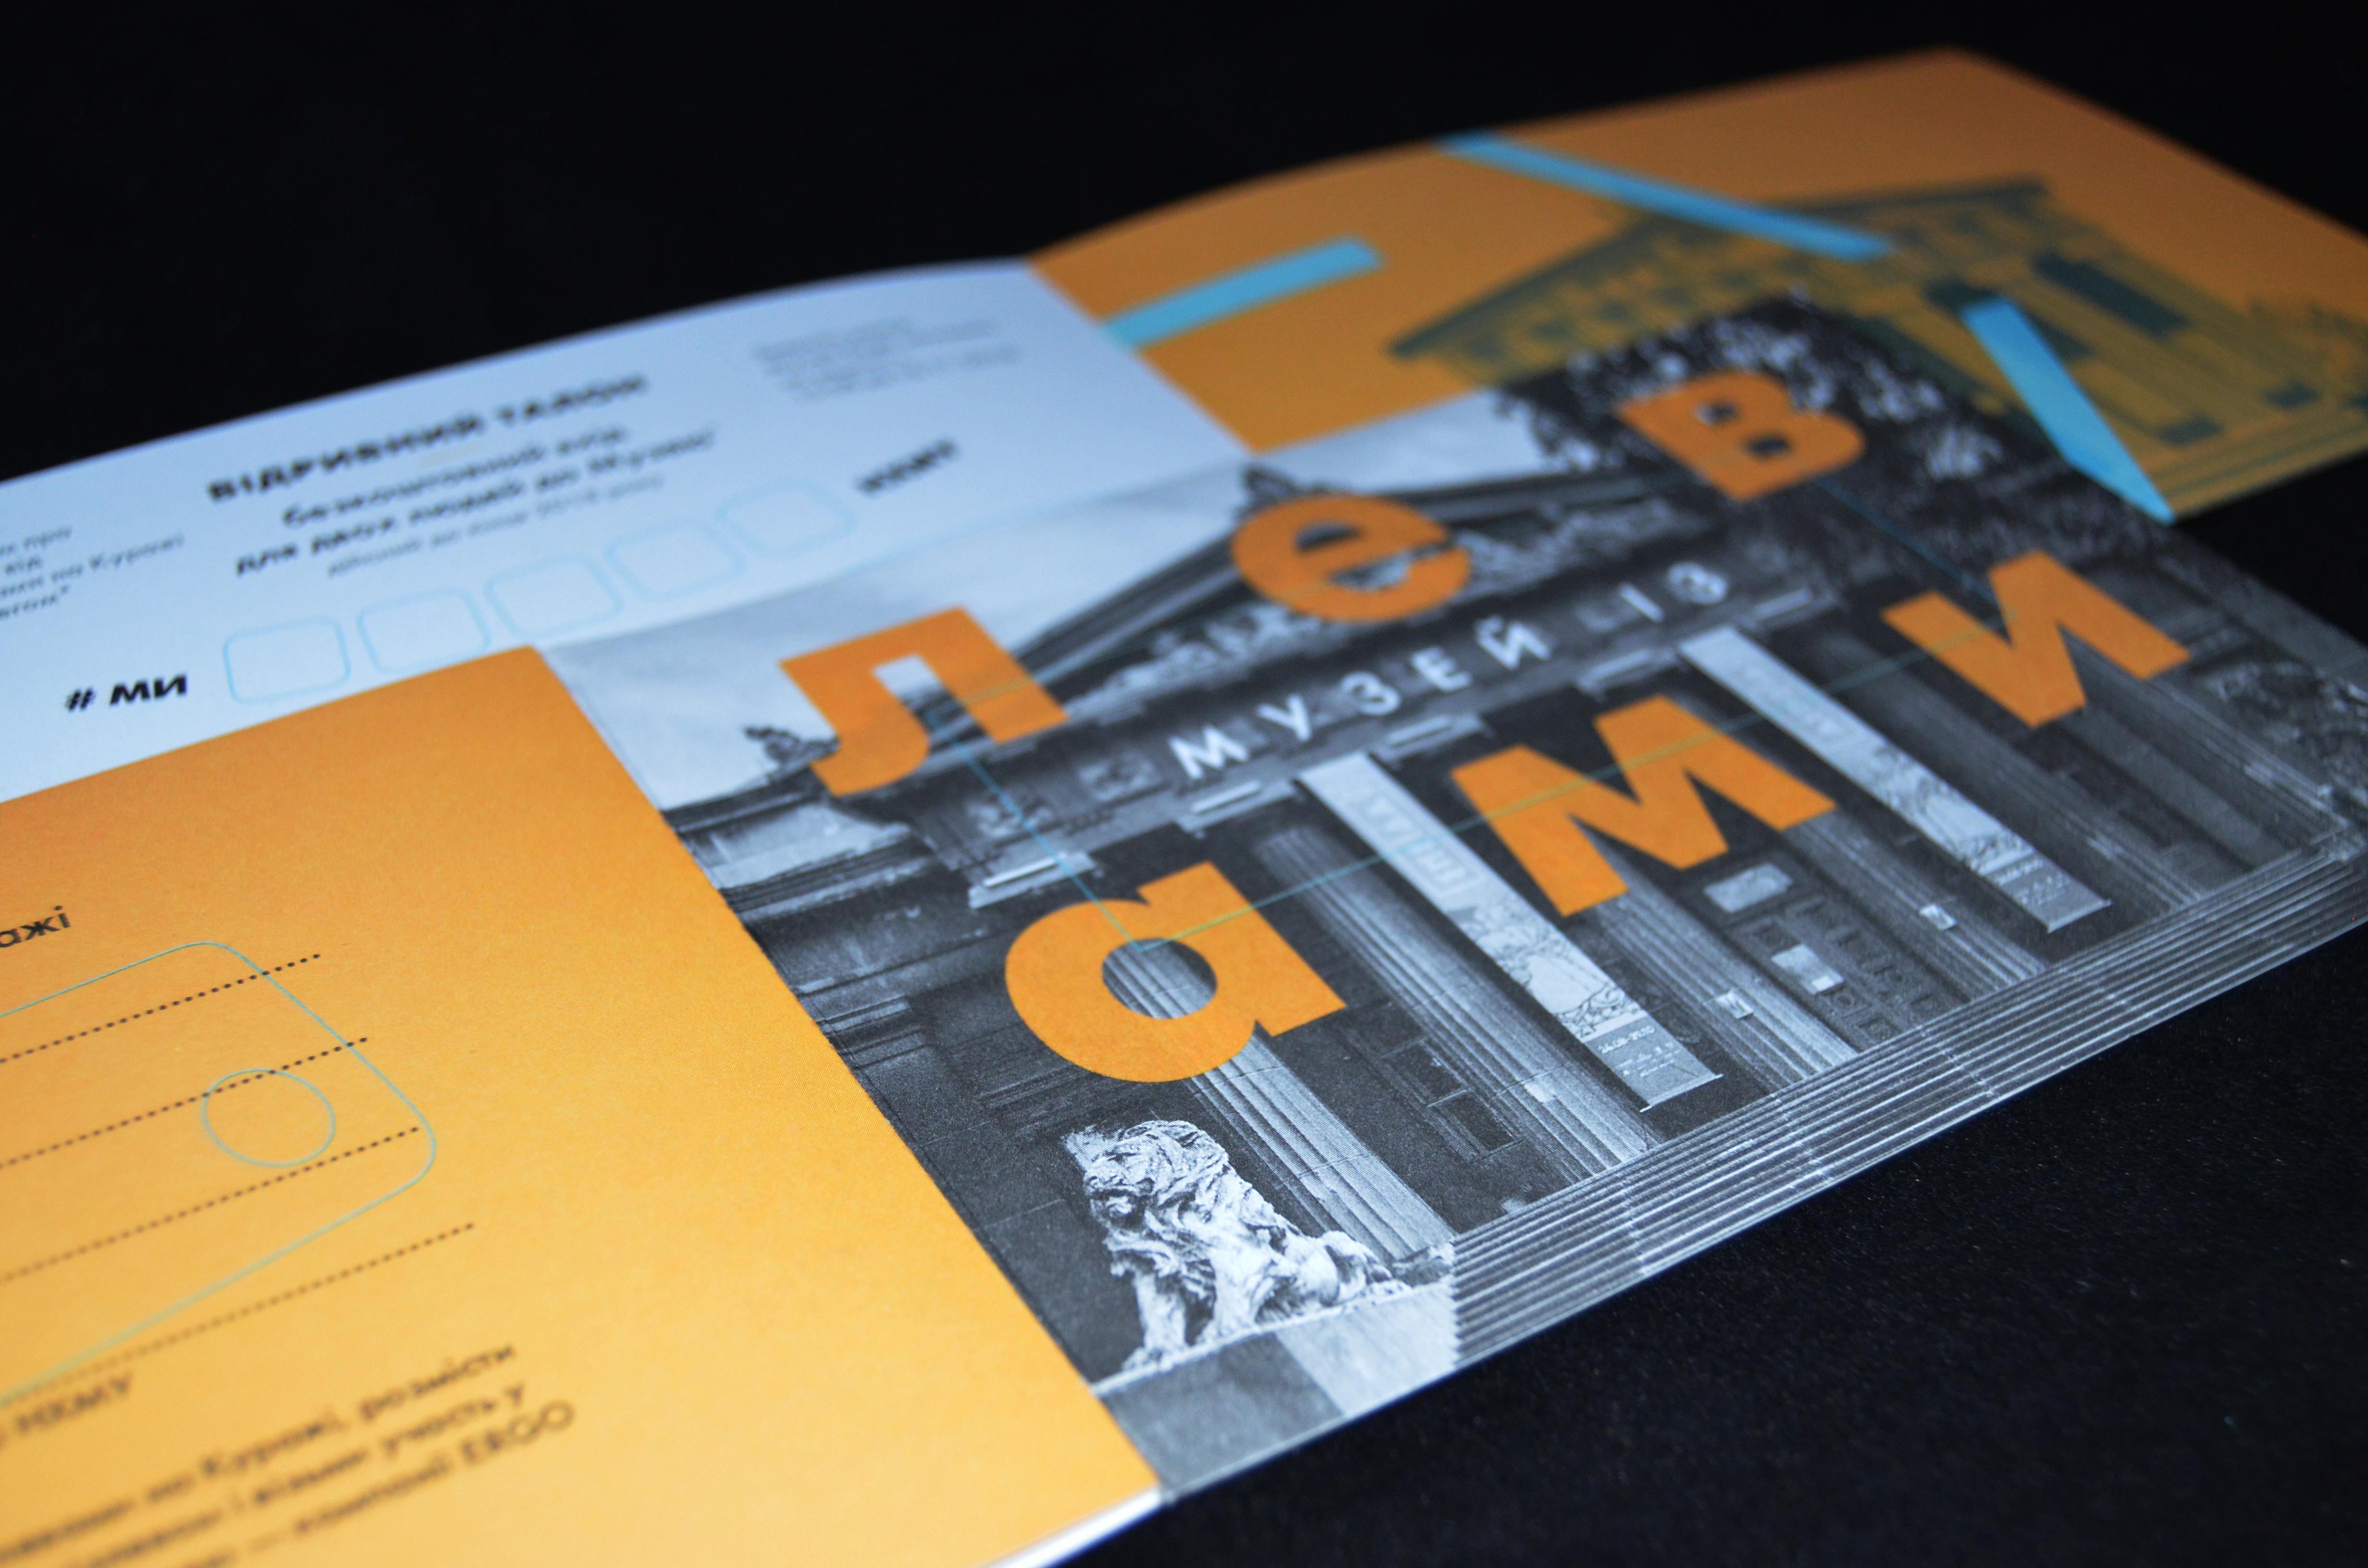 Обкладинка буклету текстово і графічно підказує, що музей - єдина будівля із левами у Києві